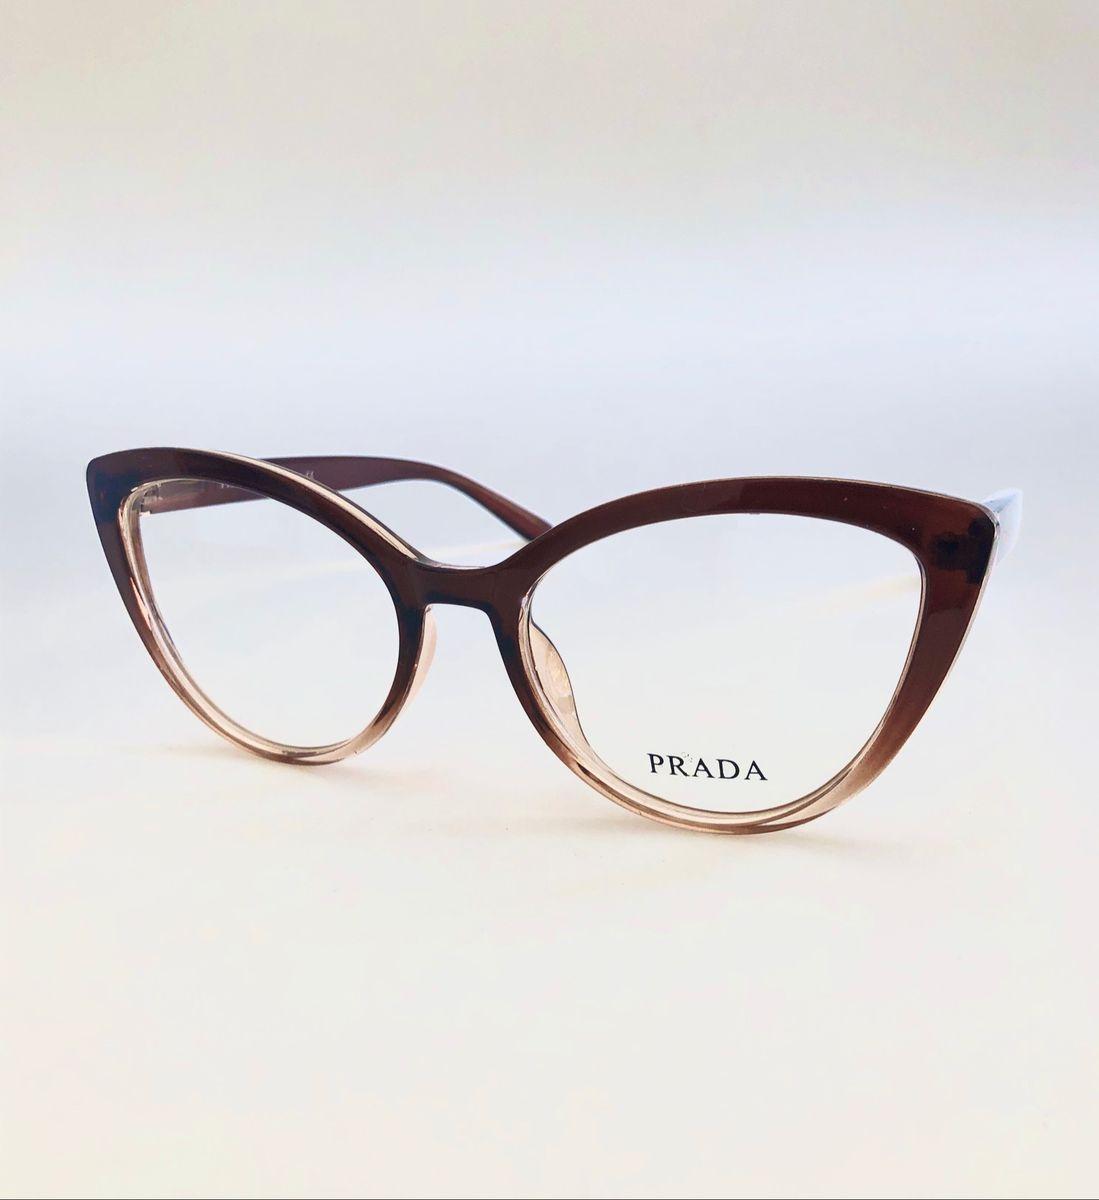 Armação para Óculos de Grau Feminina Prada Bicolor Gatinha Marrom Escuro  com Translúcido   Óculos Feminino Prada Nunca Usado 10   enjoei